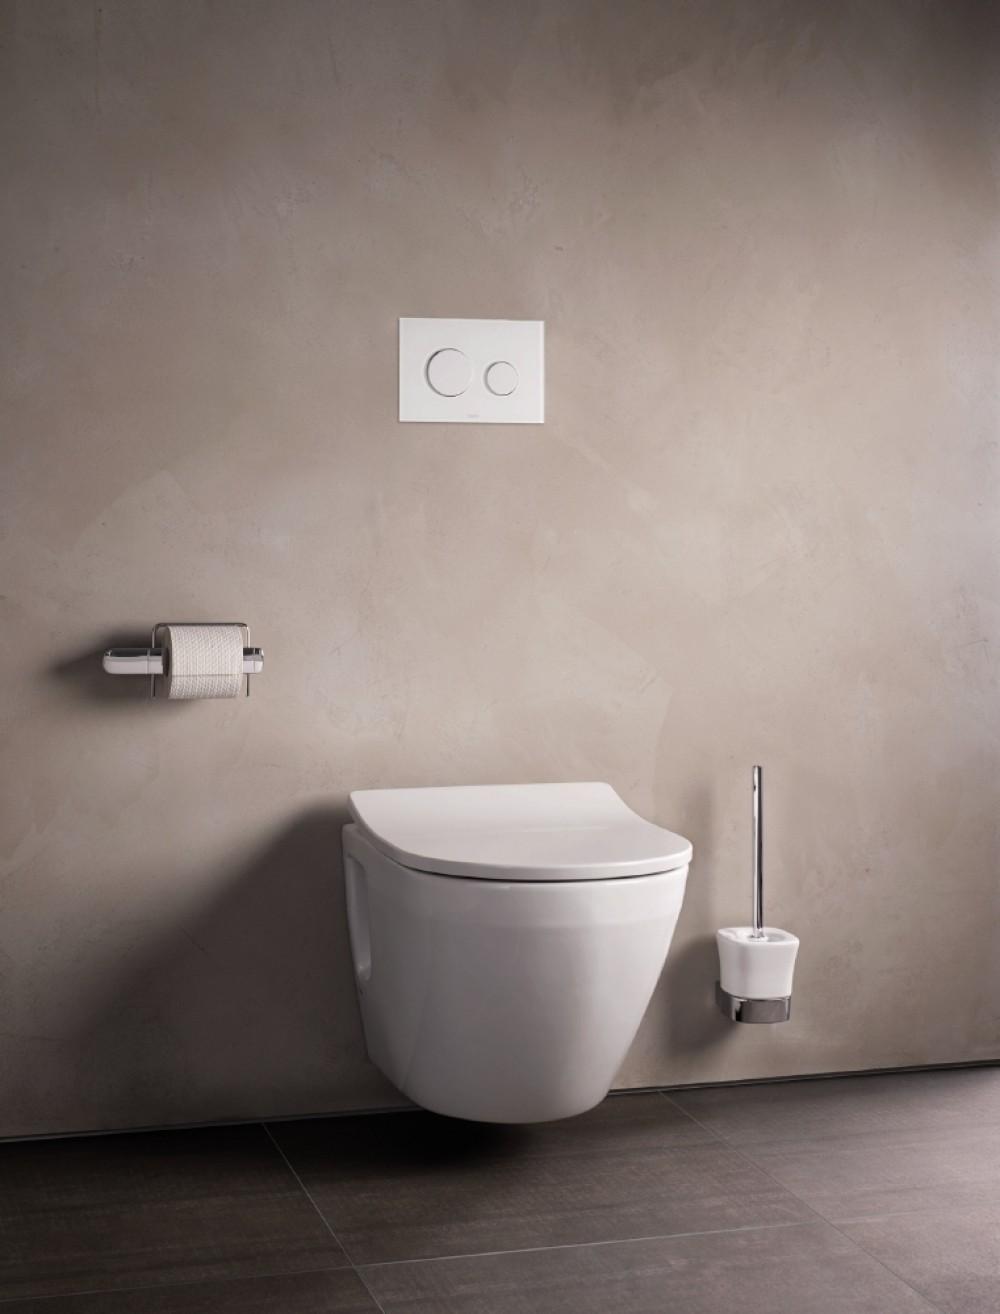 CW762_toilets_TOTO_Rimless_toilet_cefiontect_tornado_flush